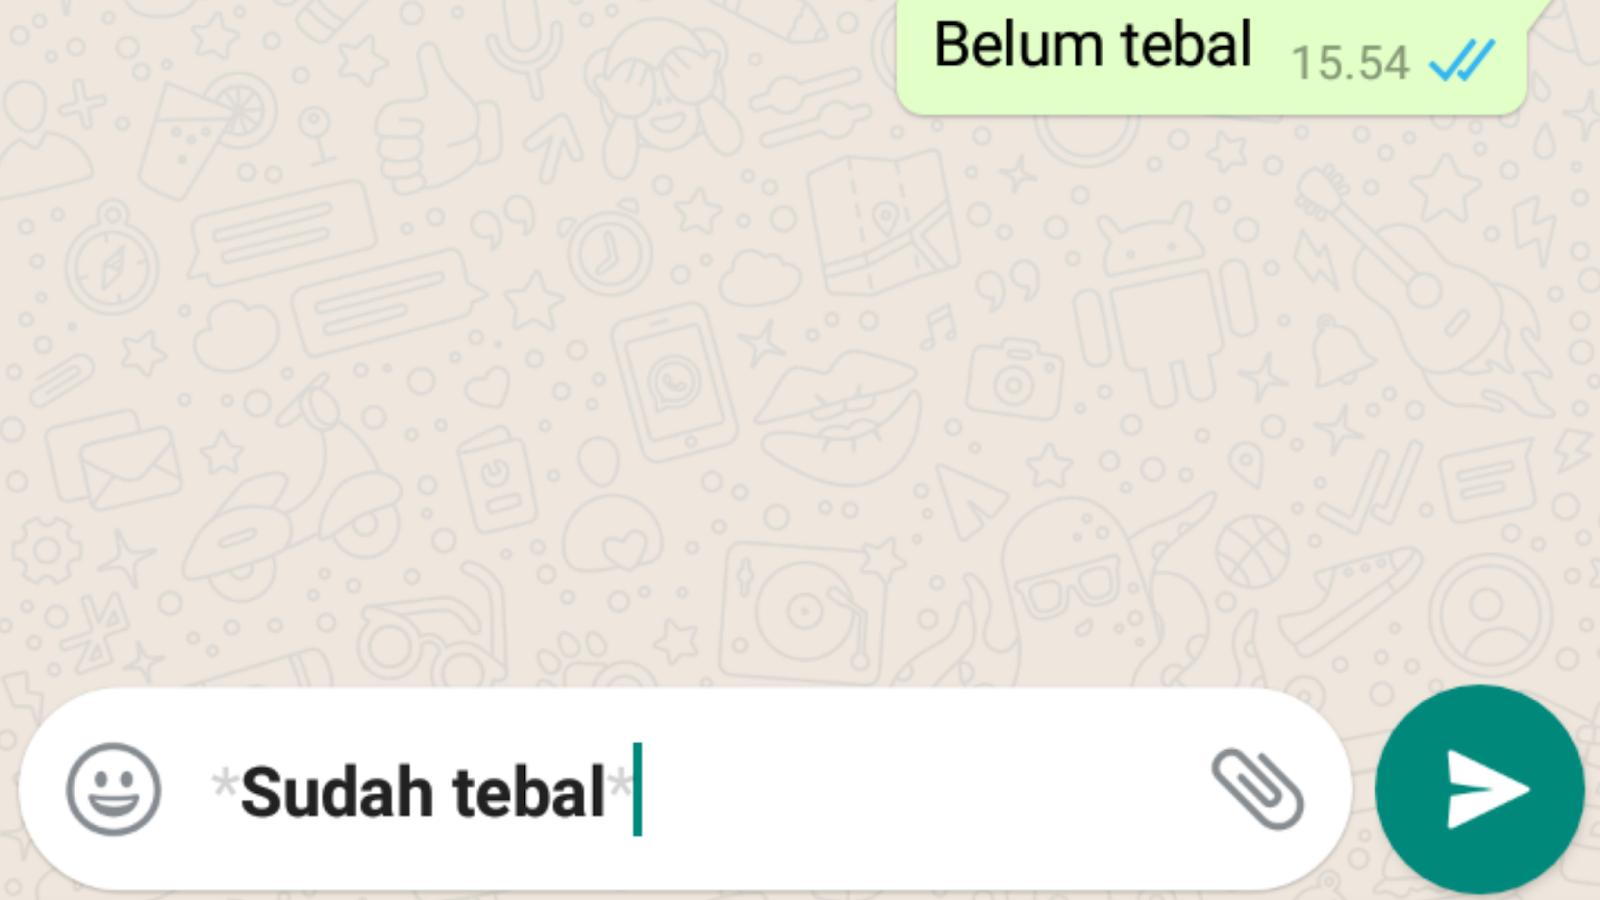 Trik Merubah Font Whatsapp dan Cara Merubah Huruf Jadi Tebal, Miring, Tercoret